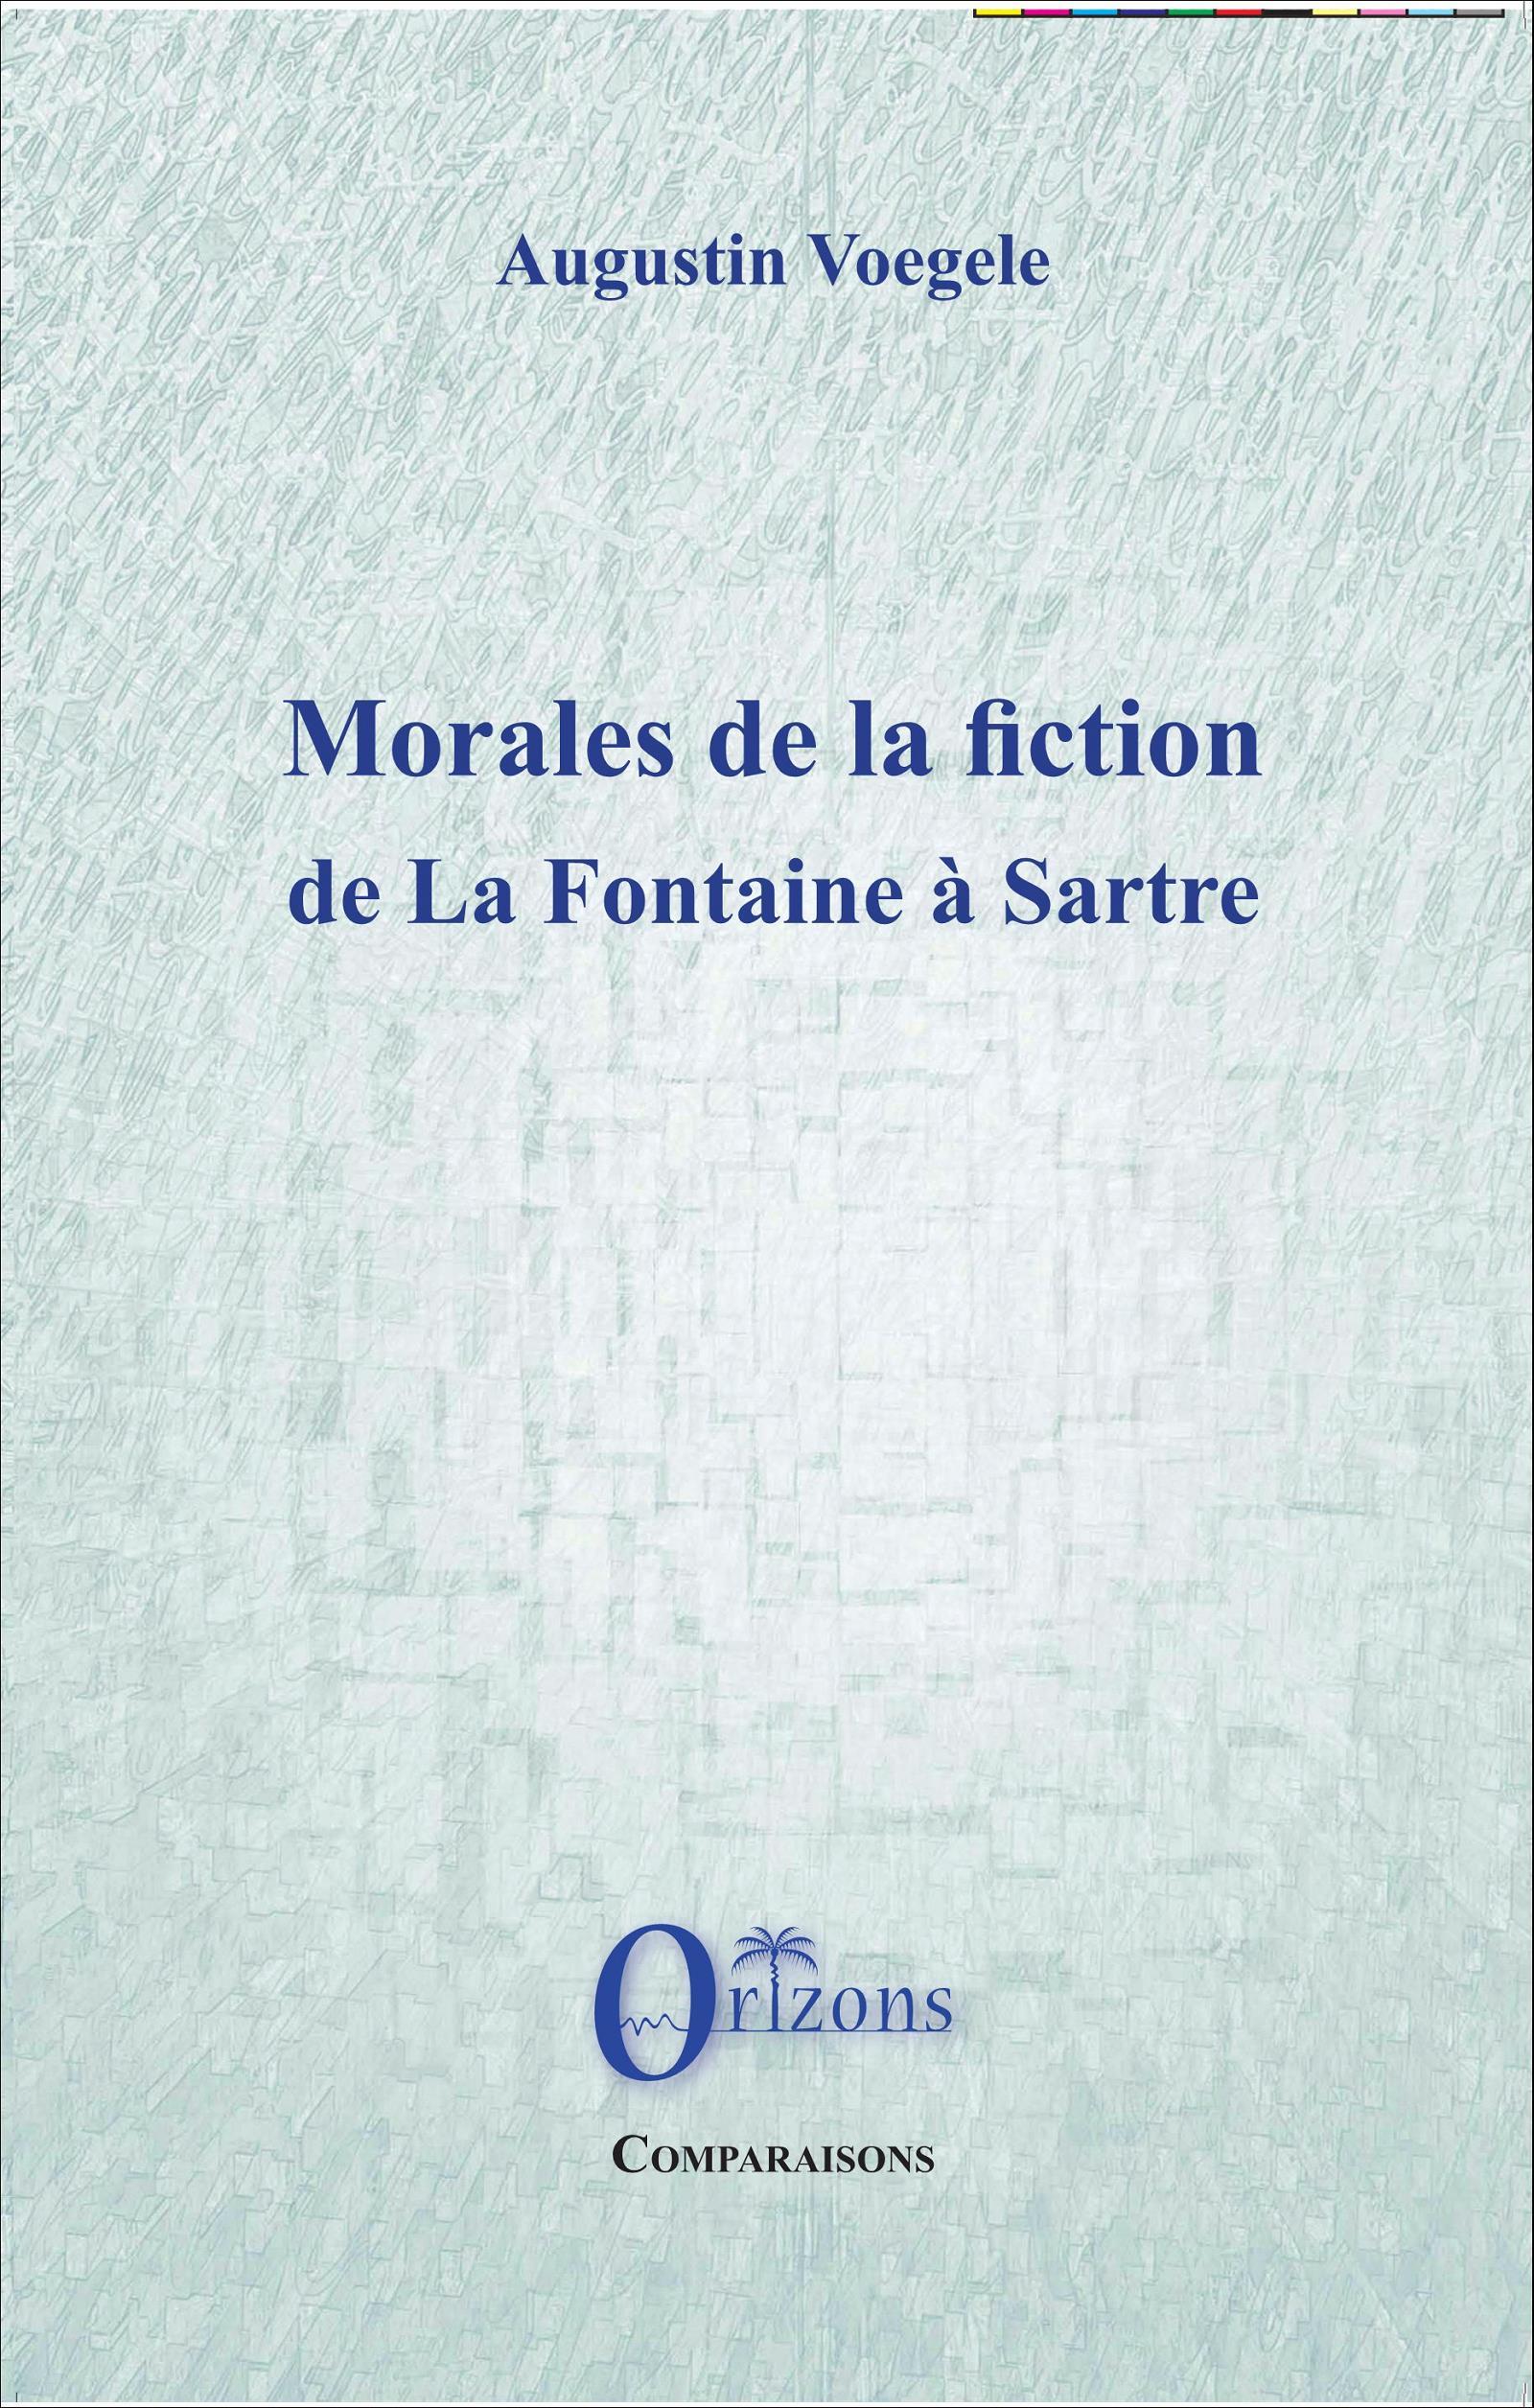 Morales de la